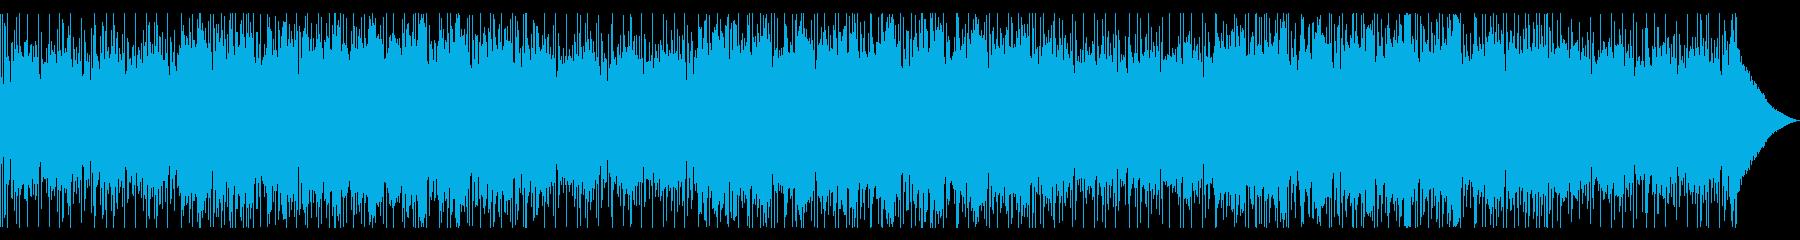 短調のレゲエ・ダブ風。ブラスのメロディの再生済みの波形